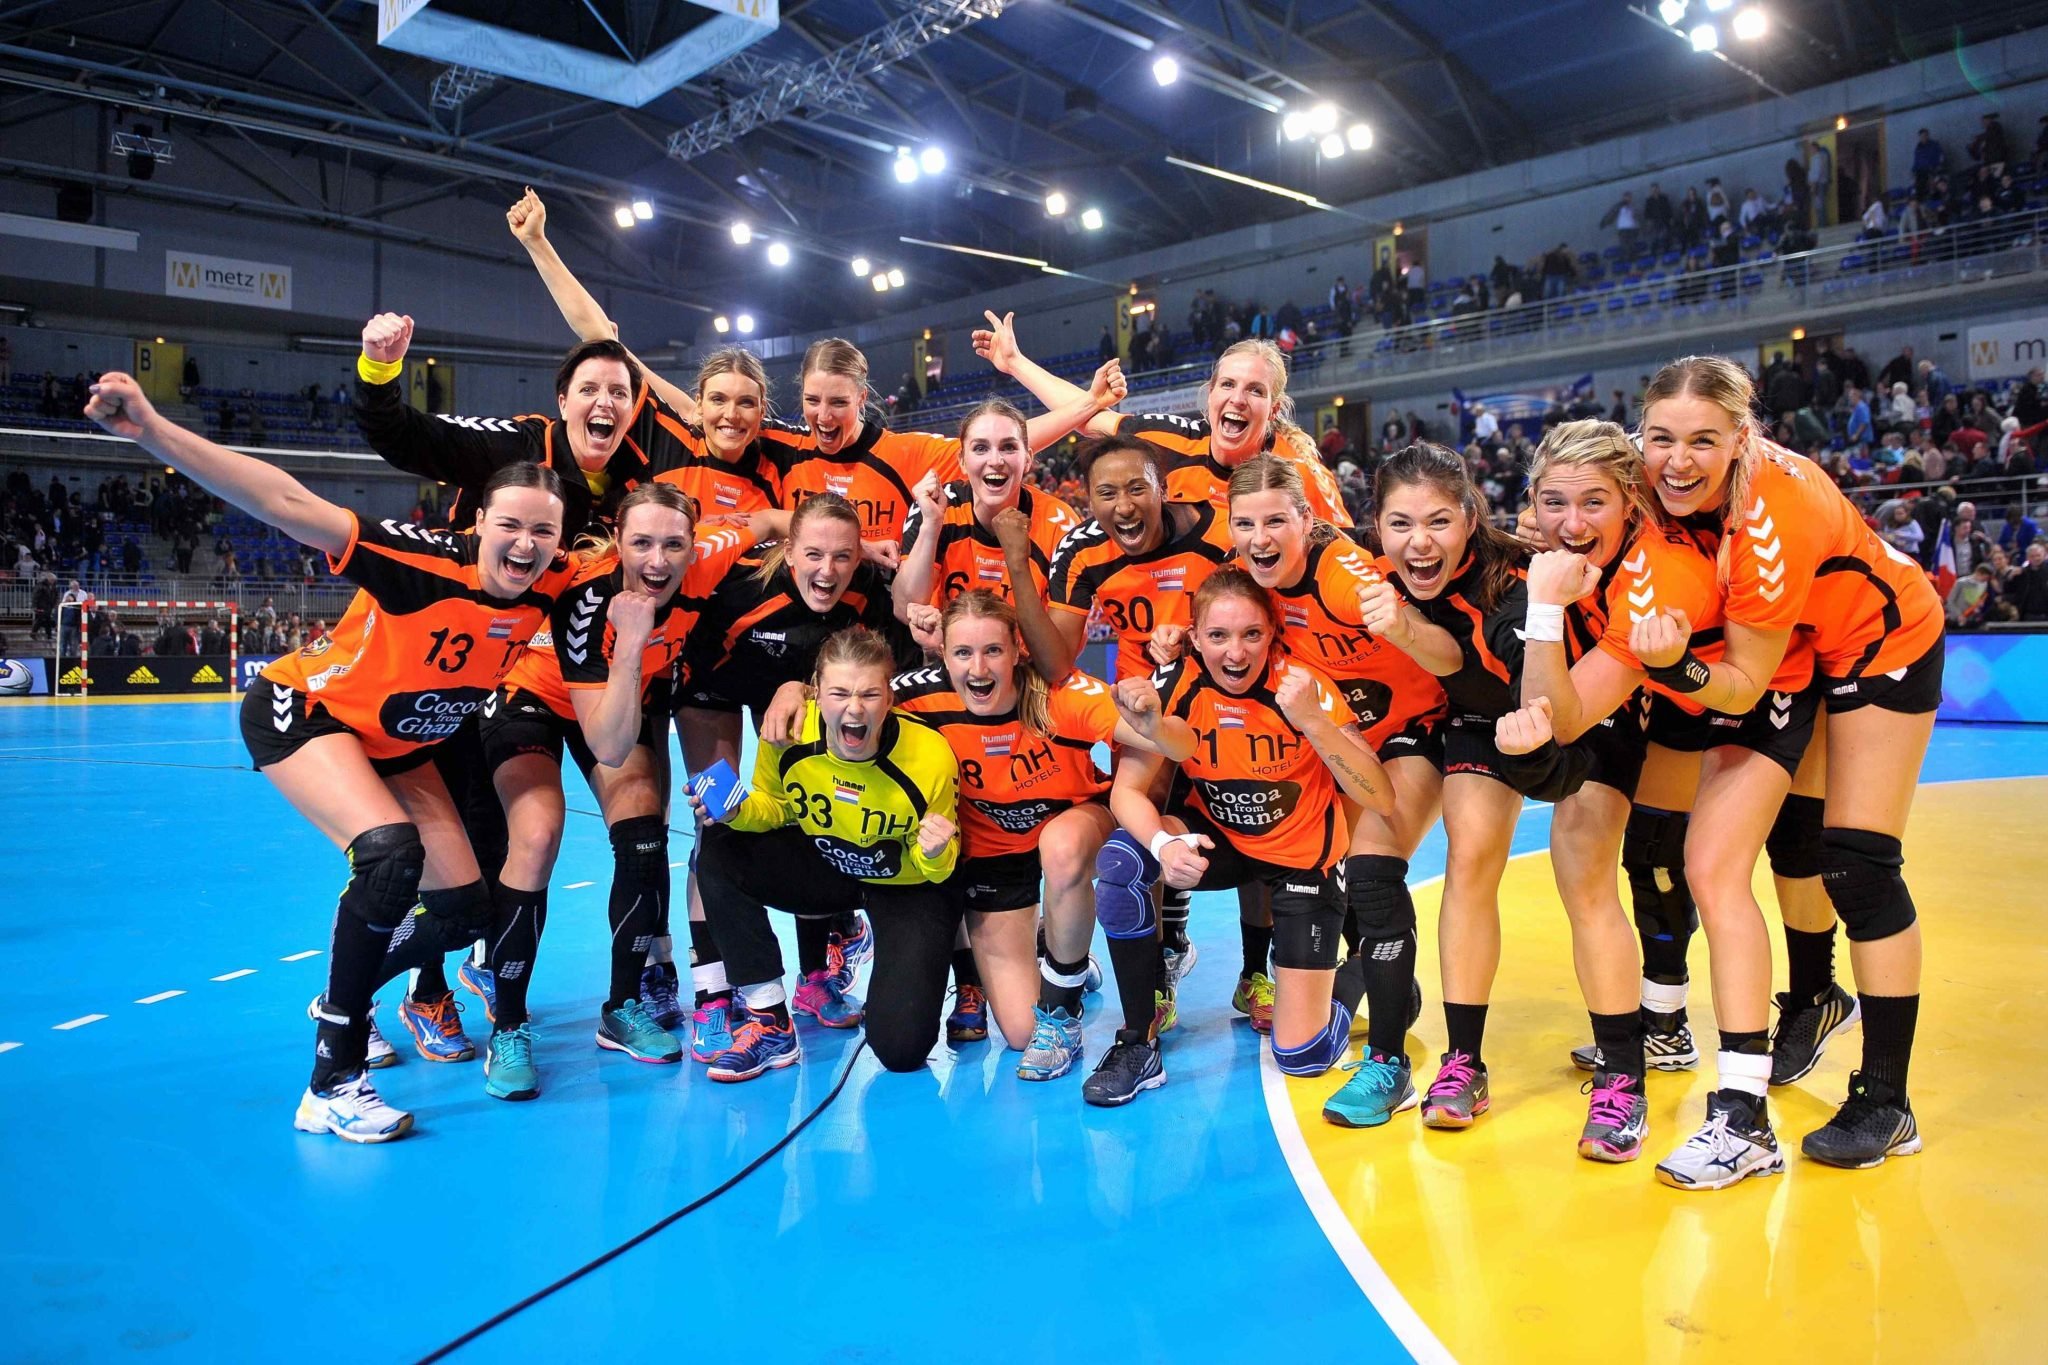 18-3-2016 HANDBAL:NEDERLAND-FRANKRIJK:METZ OKT Olympisch Kwalificatie Toernooi Dames Handbal  Nederland - Frankrijk De Overwinningsfoto !!  Foto: Henk Seppen